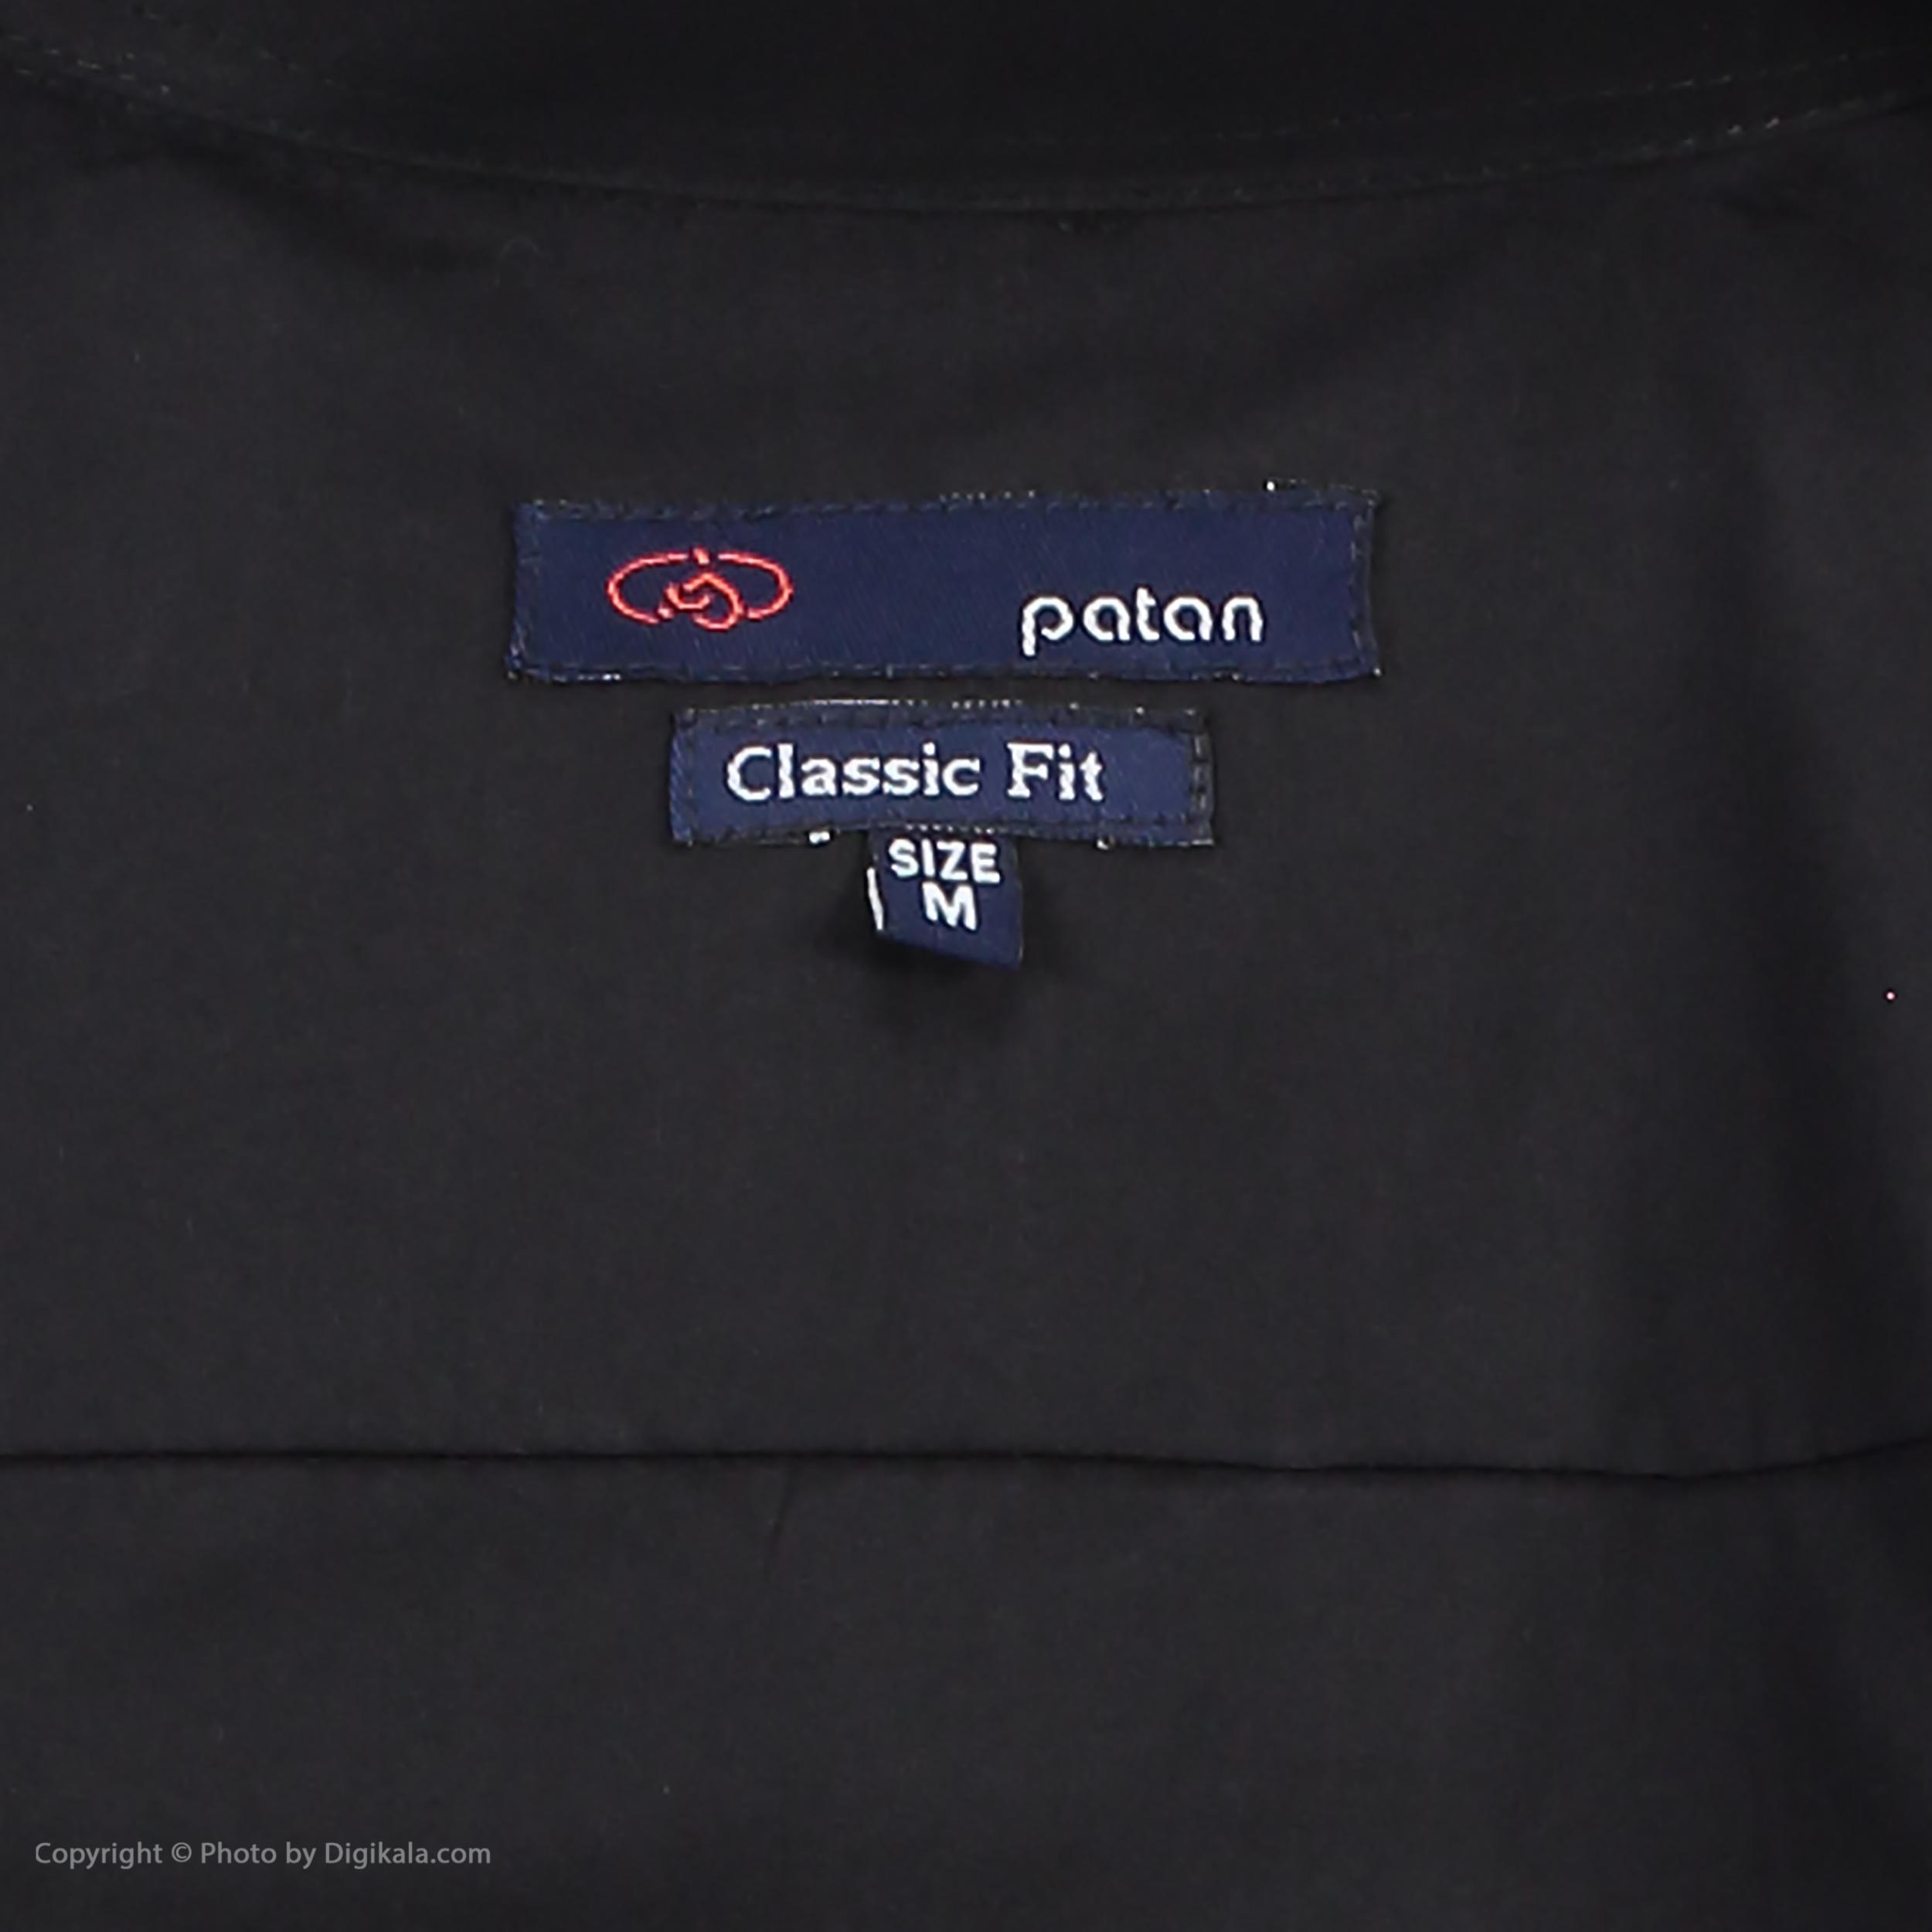 پیراهن مردانه پاتن جامه کد 98MC8528 رنگ مشکی  -  - 5